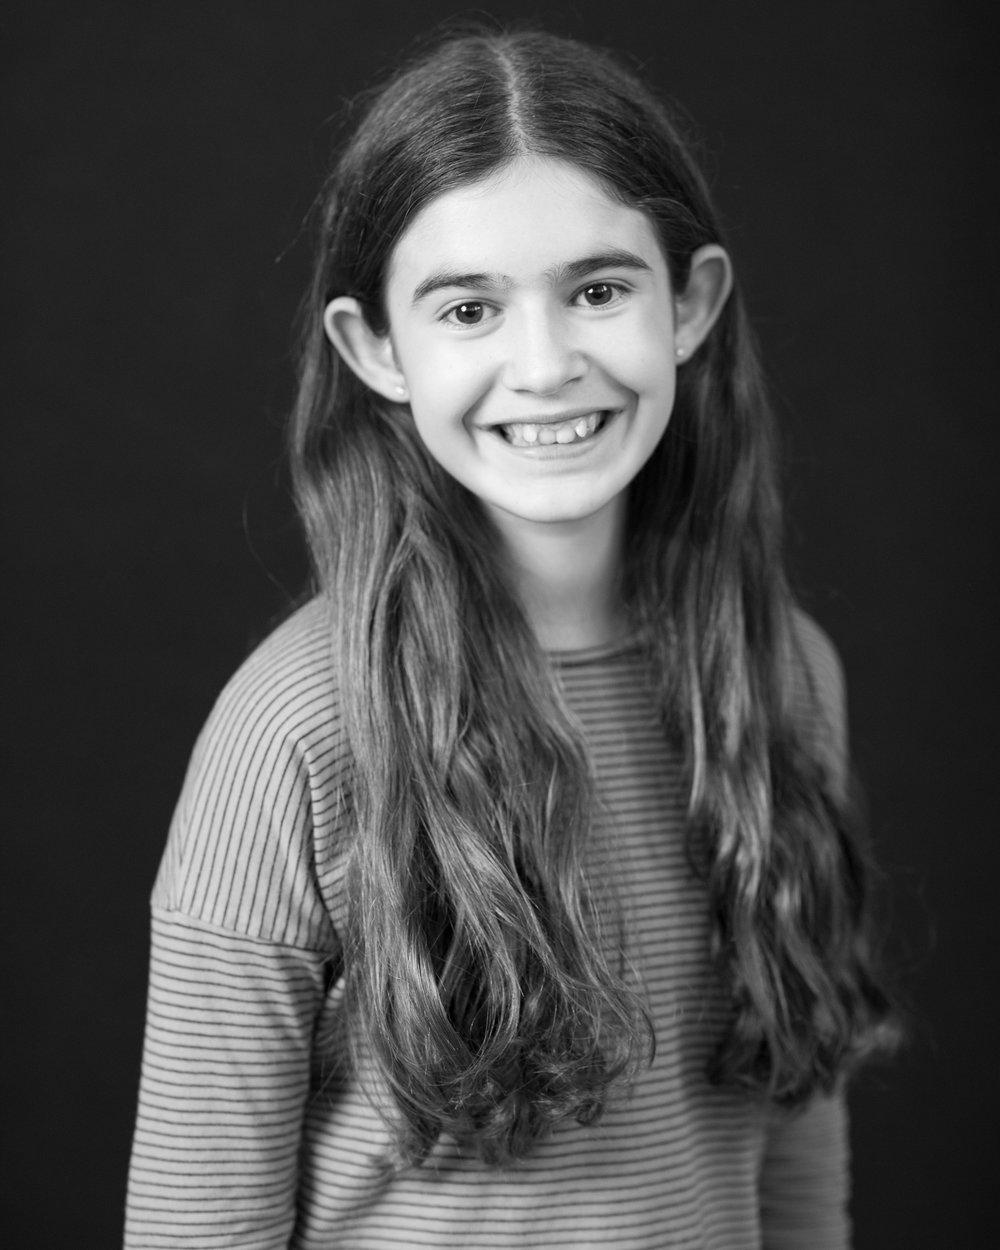 Chloe Choulet